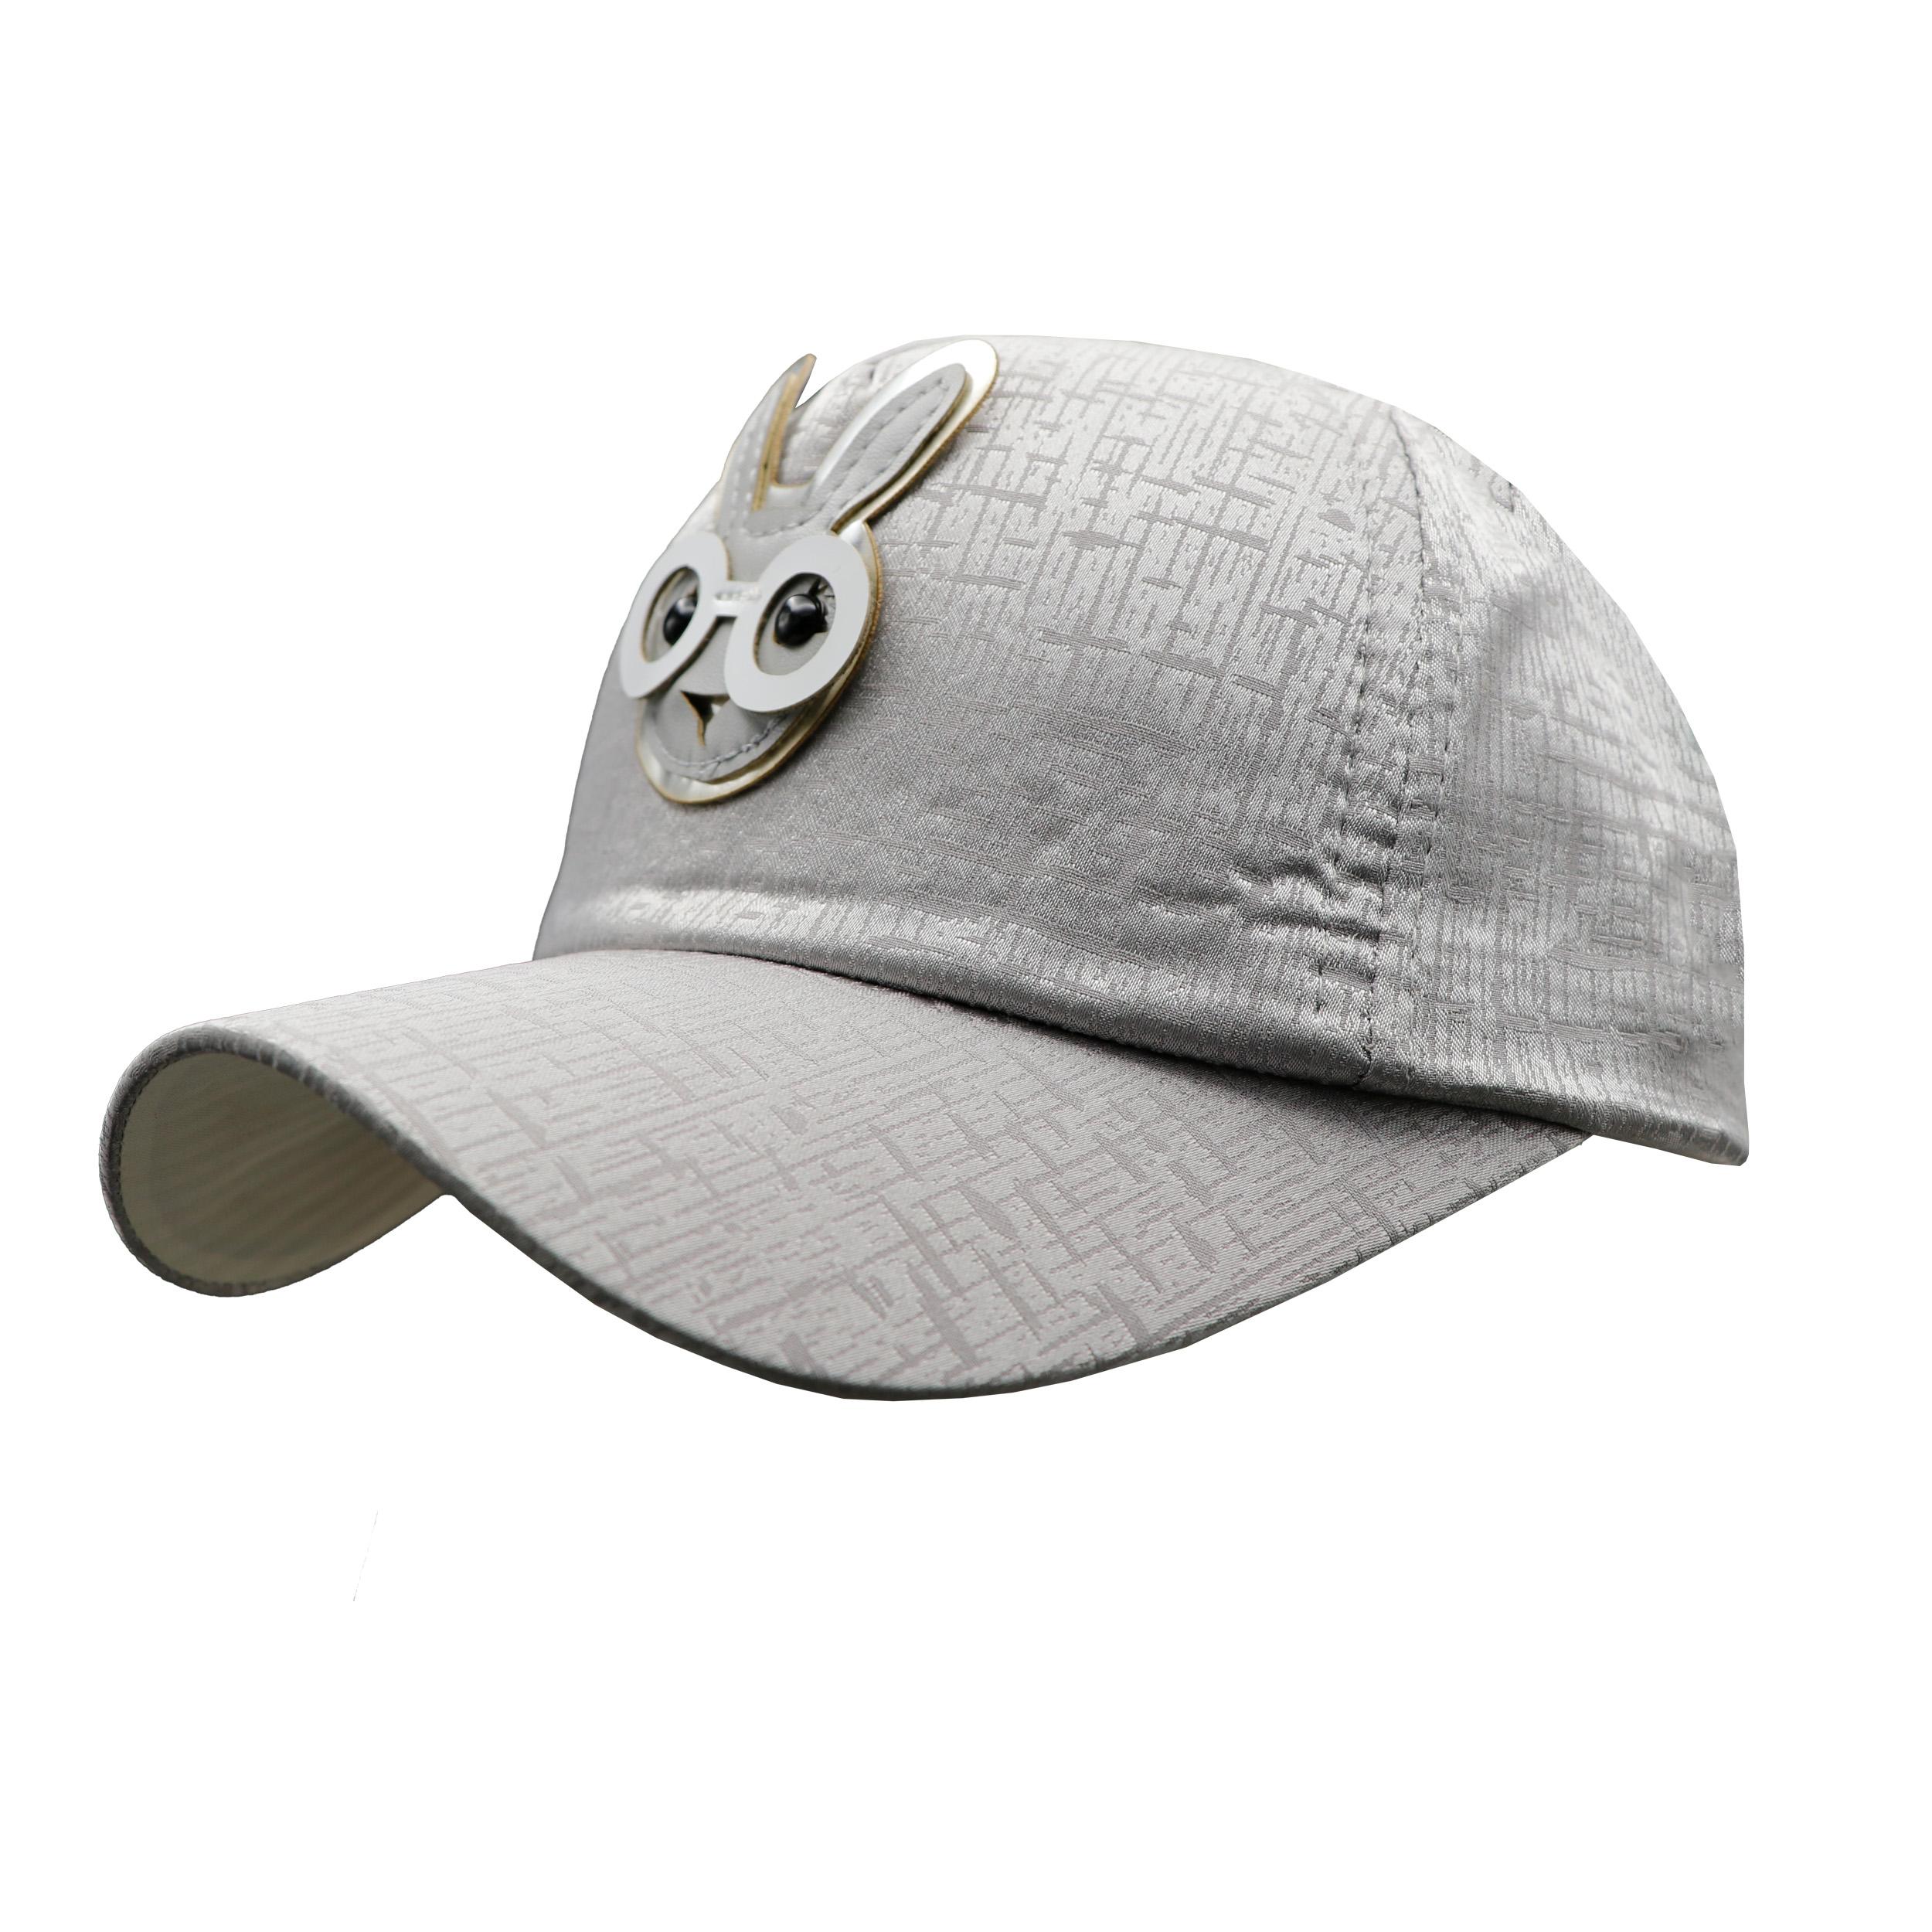 کلاه کپ بچگانه طرح خرگوش عینکی رنگ طوسی